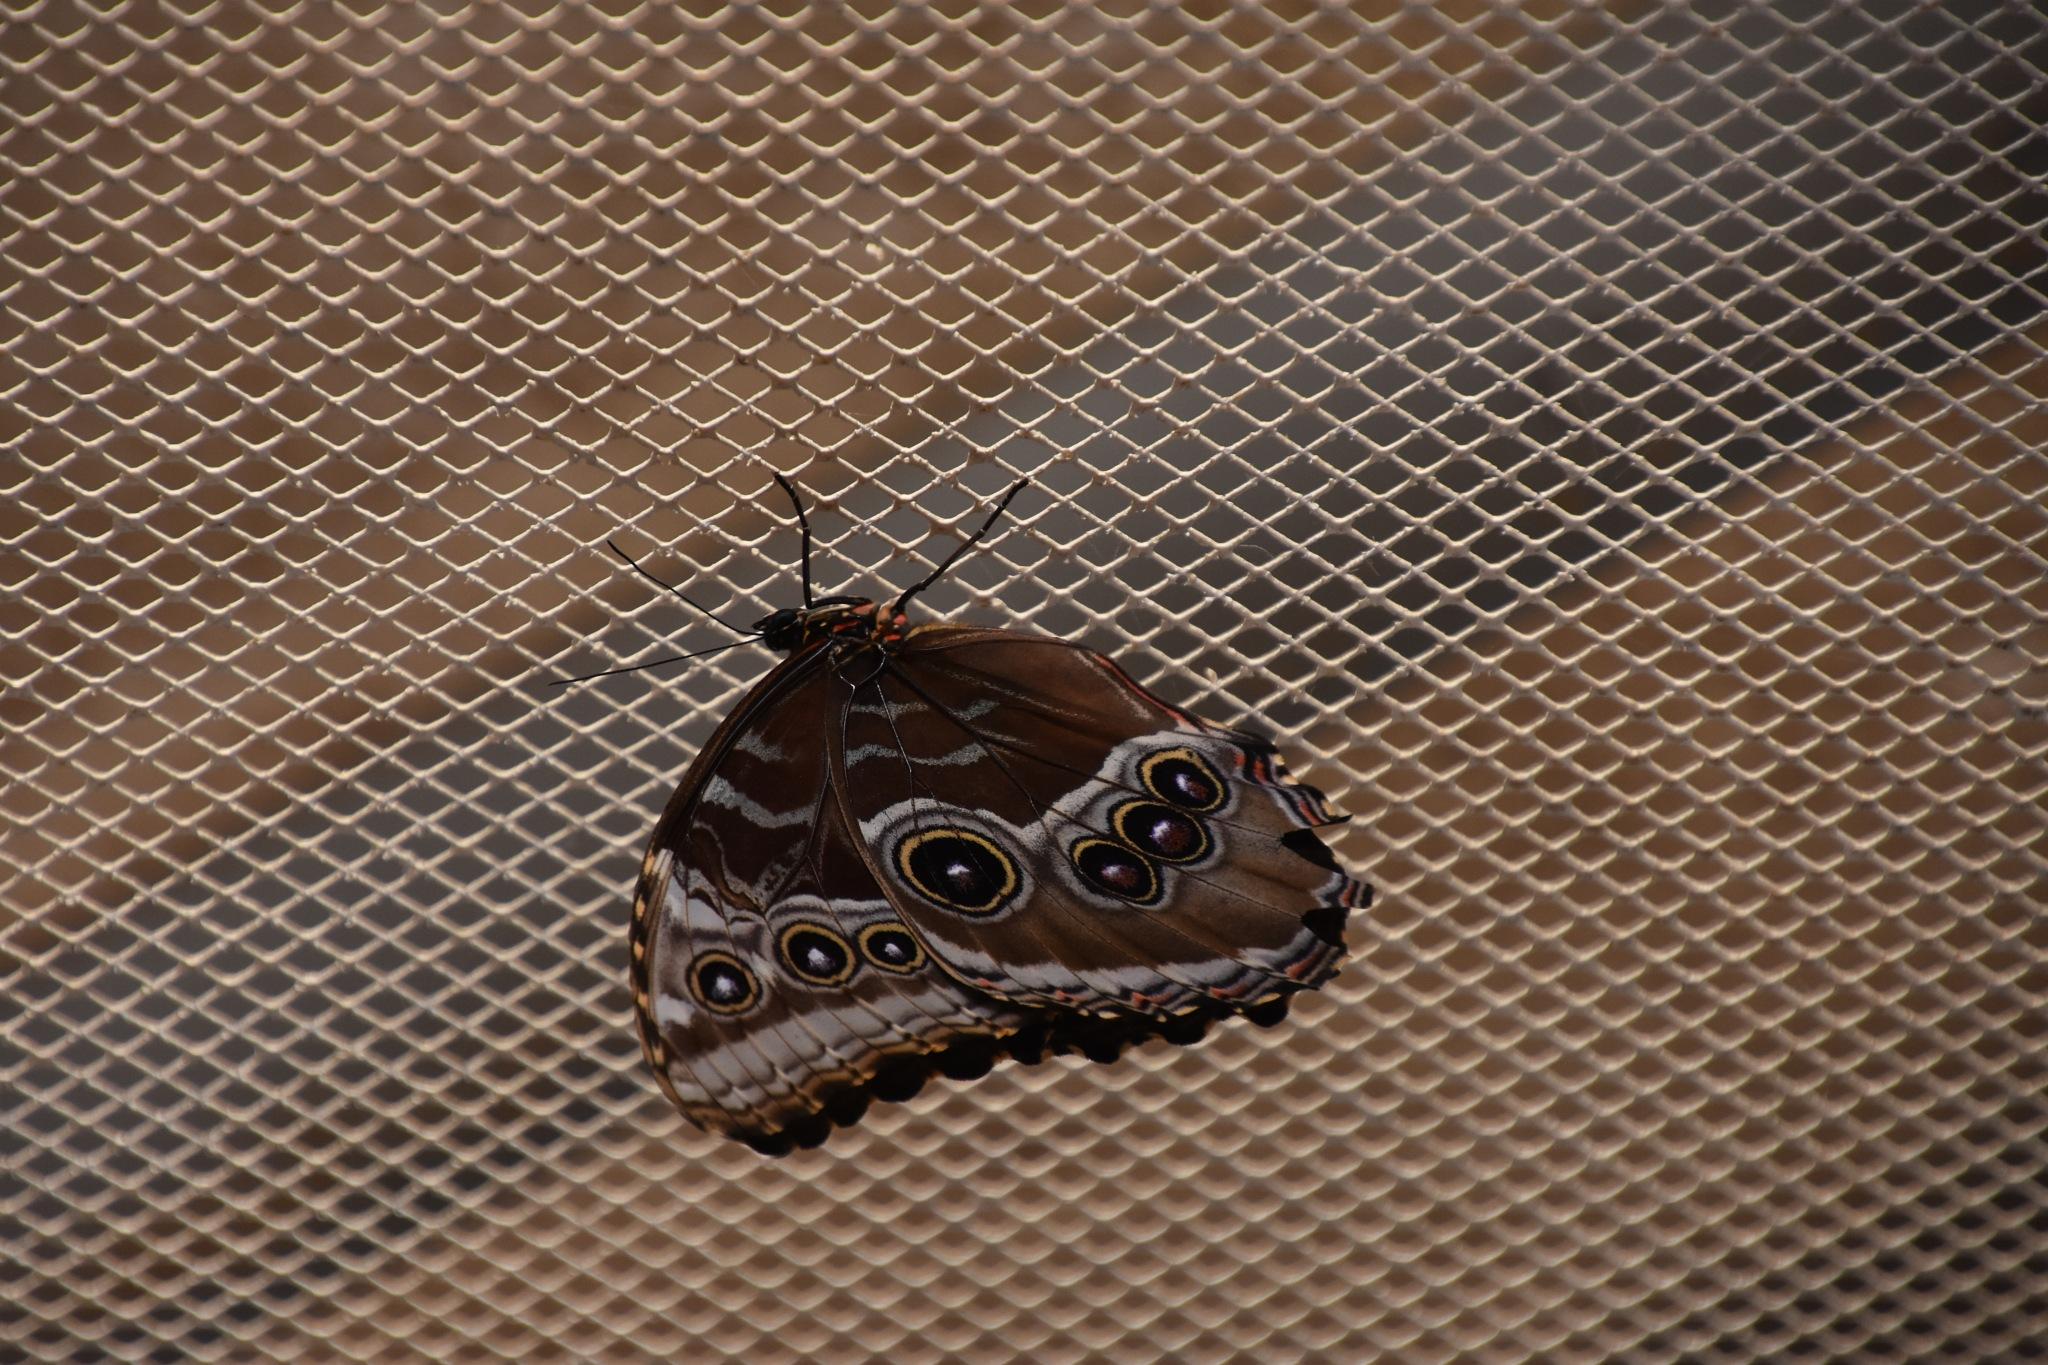 Schmetterling 01 by Michael Kraemer